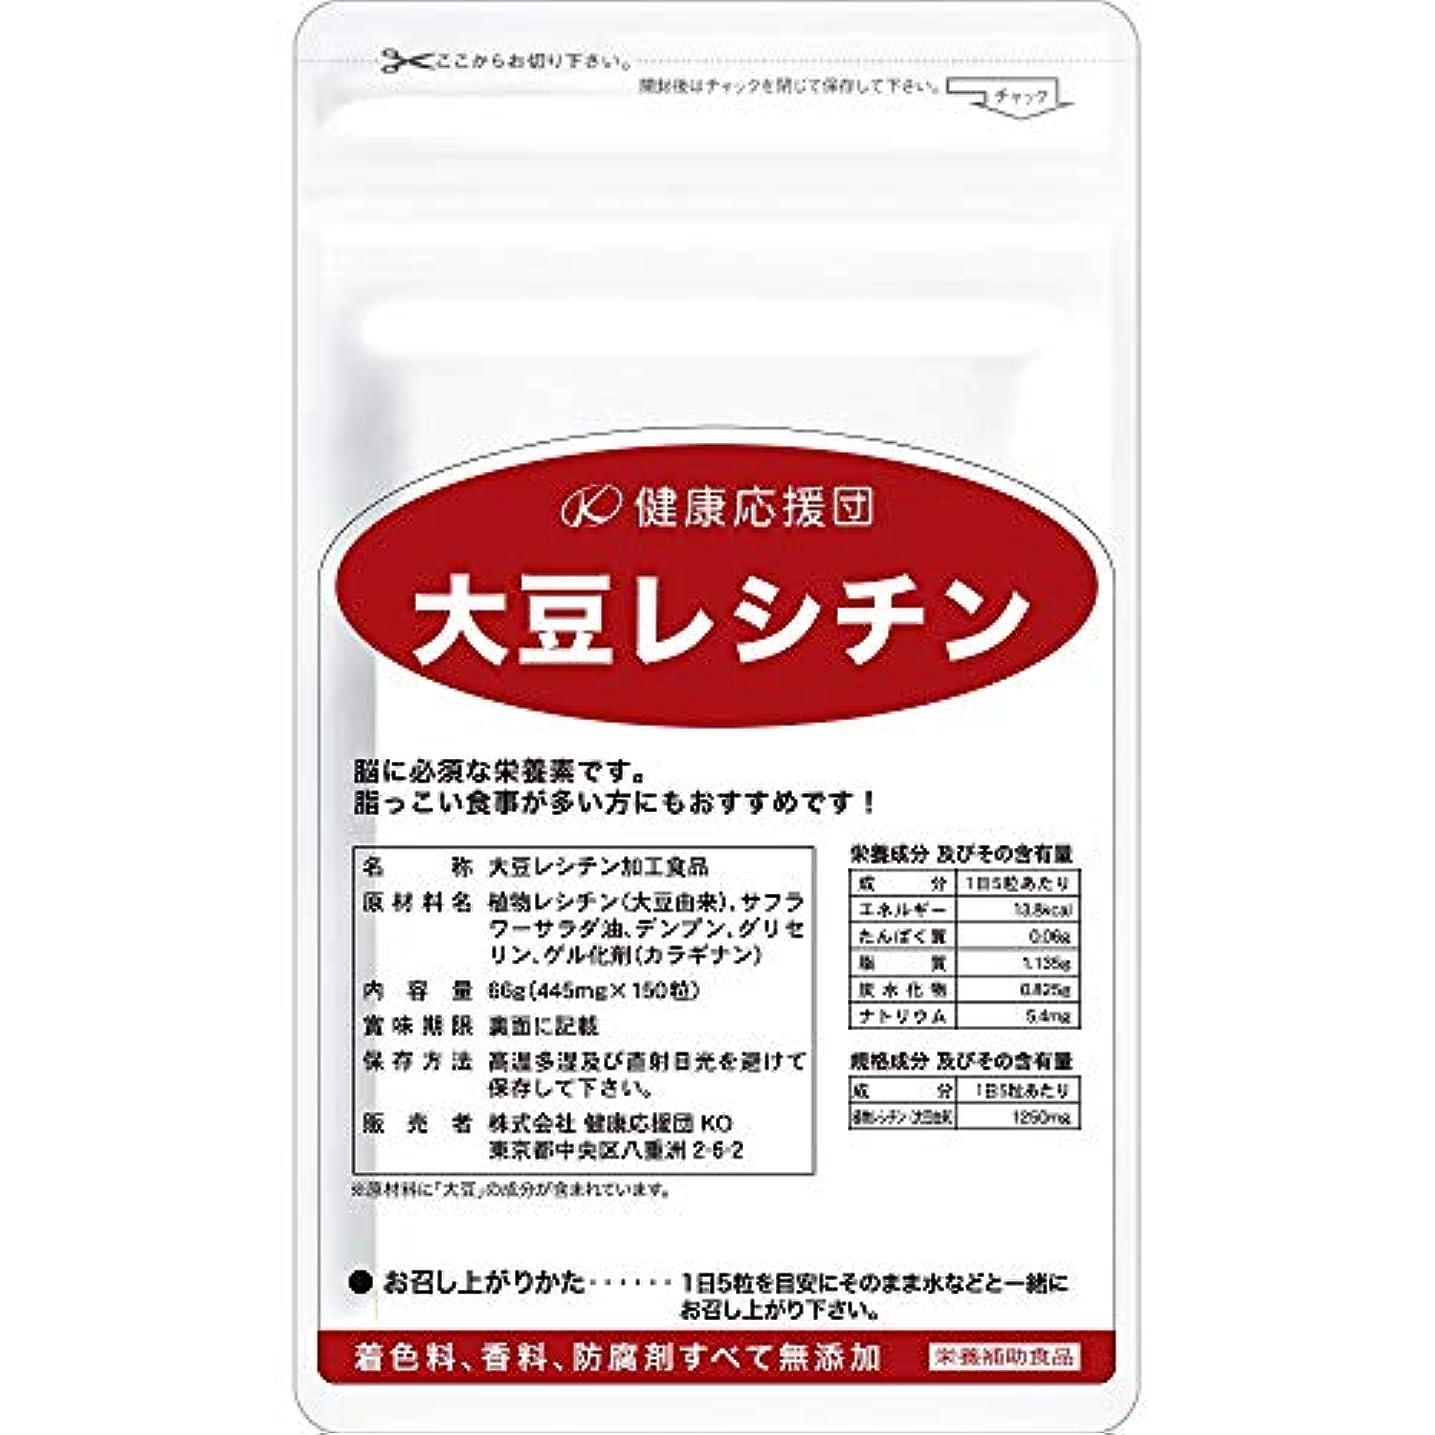 インタビュー直接断線大豆レシチン (150粒) 植物ソフトカプセル 国内生産